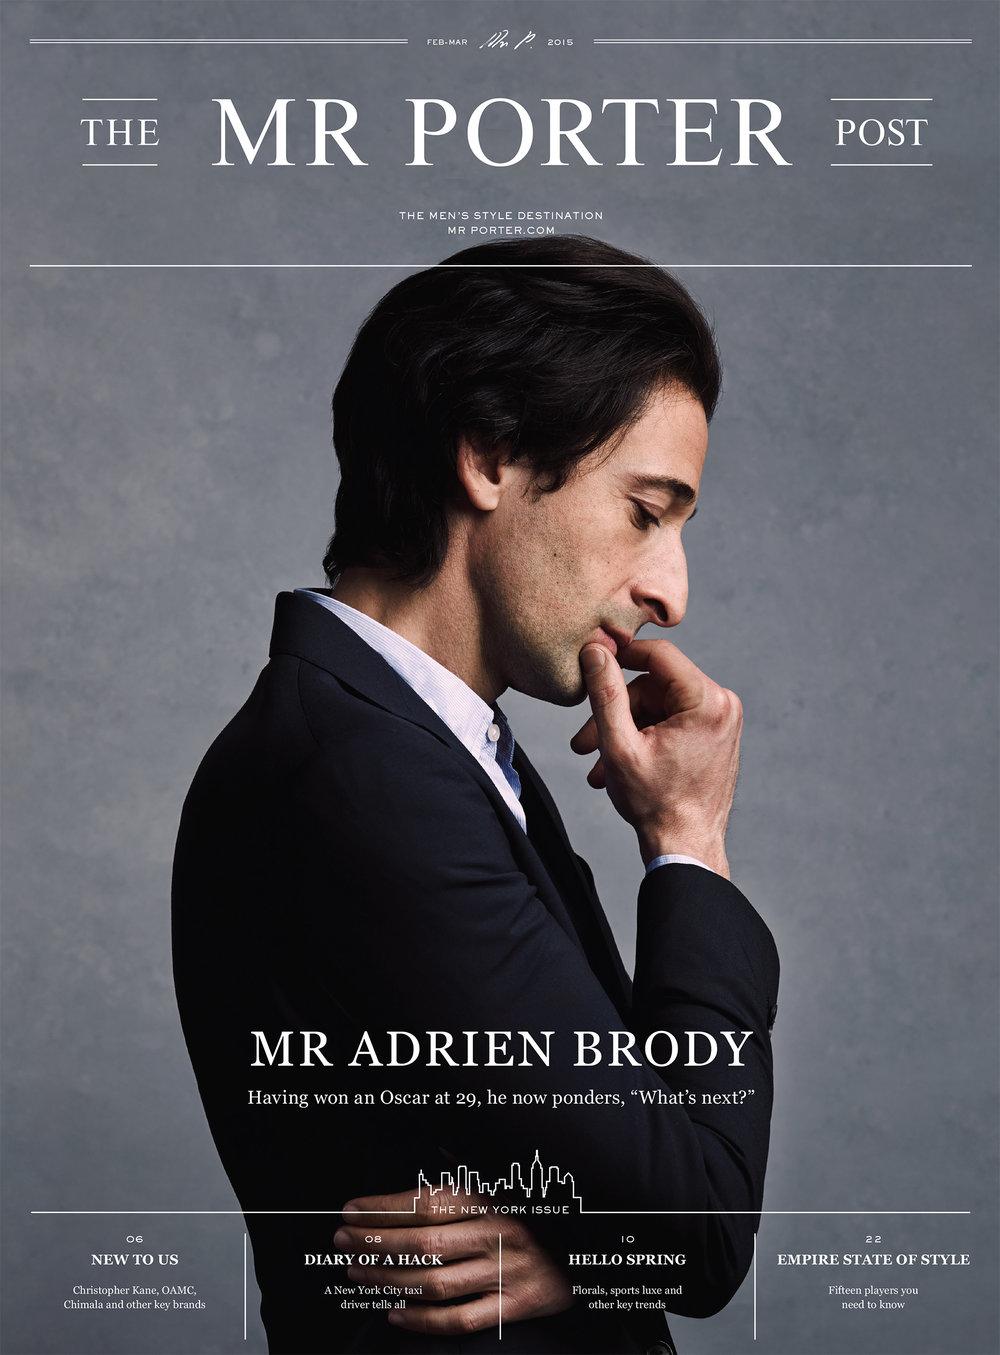 1MrP_Post-Adrien_Brody-2-1.jpg